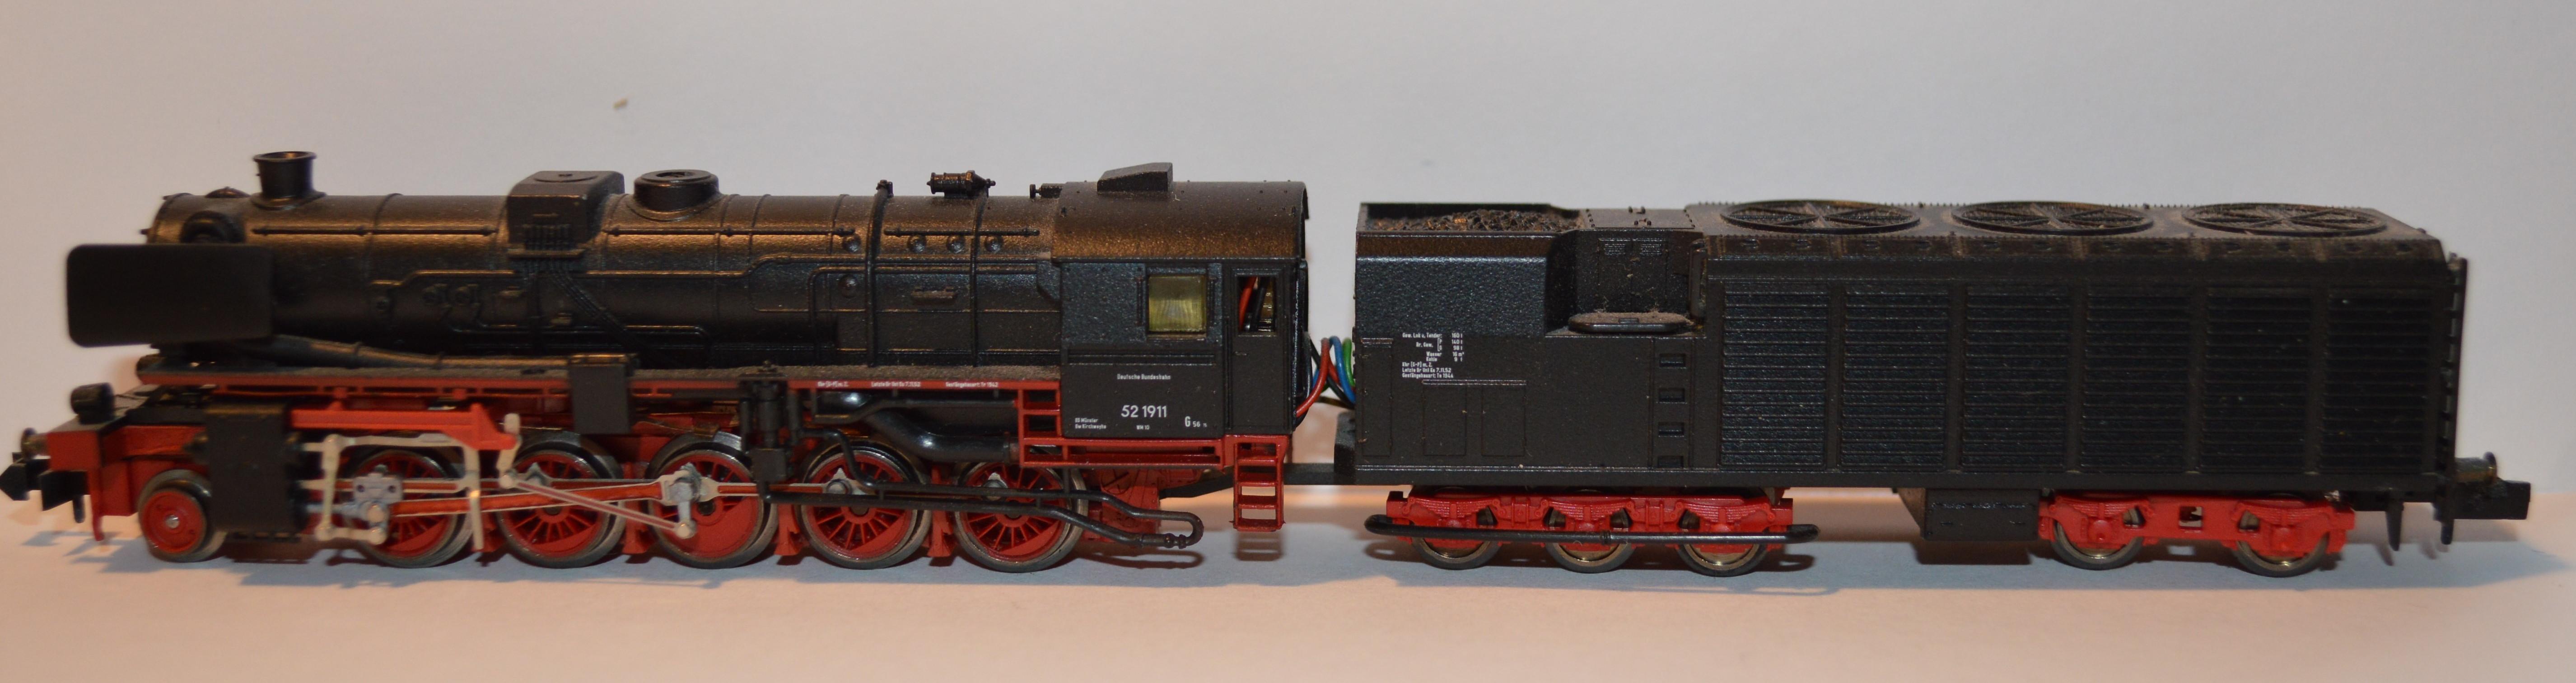 N Scale - Minitrix - 12616 - Locomotive, Steam, 2-10-0 DRB 52 - Deutsche Bundesbahn - 52 1911